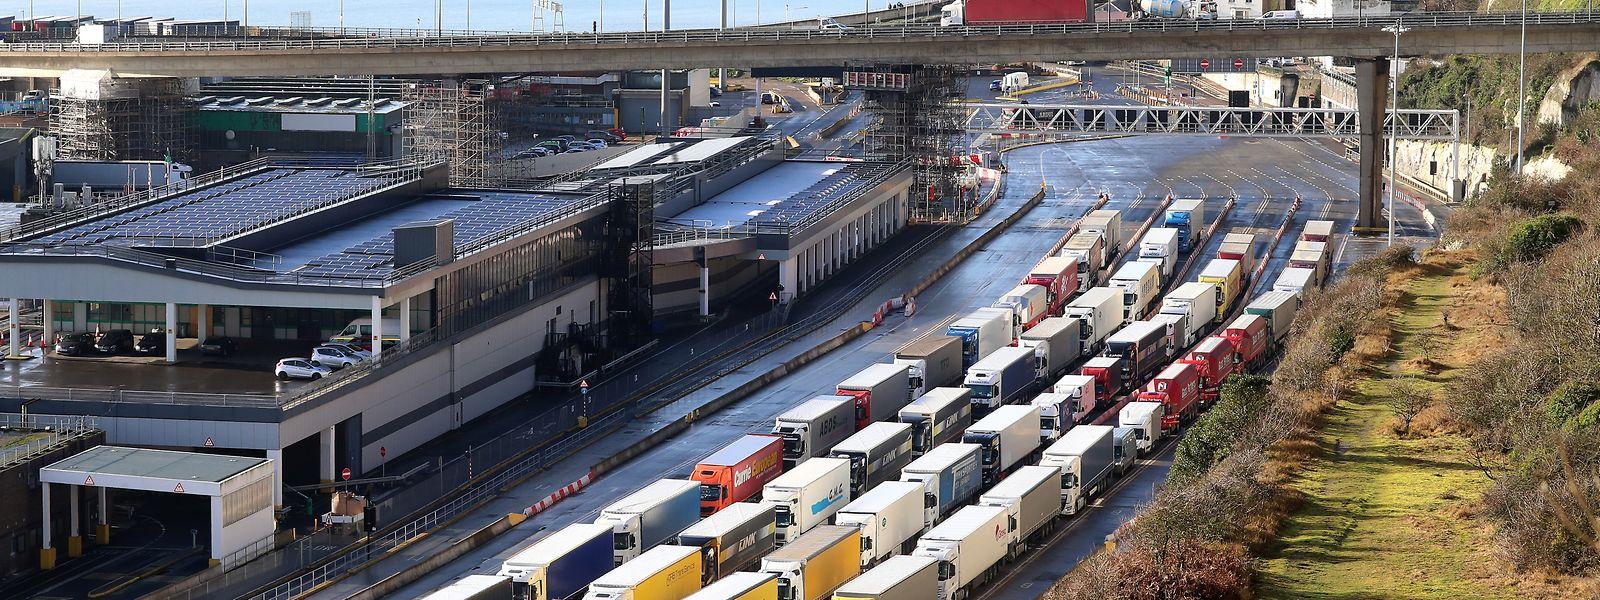 Lastwagen stehen im Grenzkontrollbereich des Hafens von Dover Schlange.